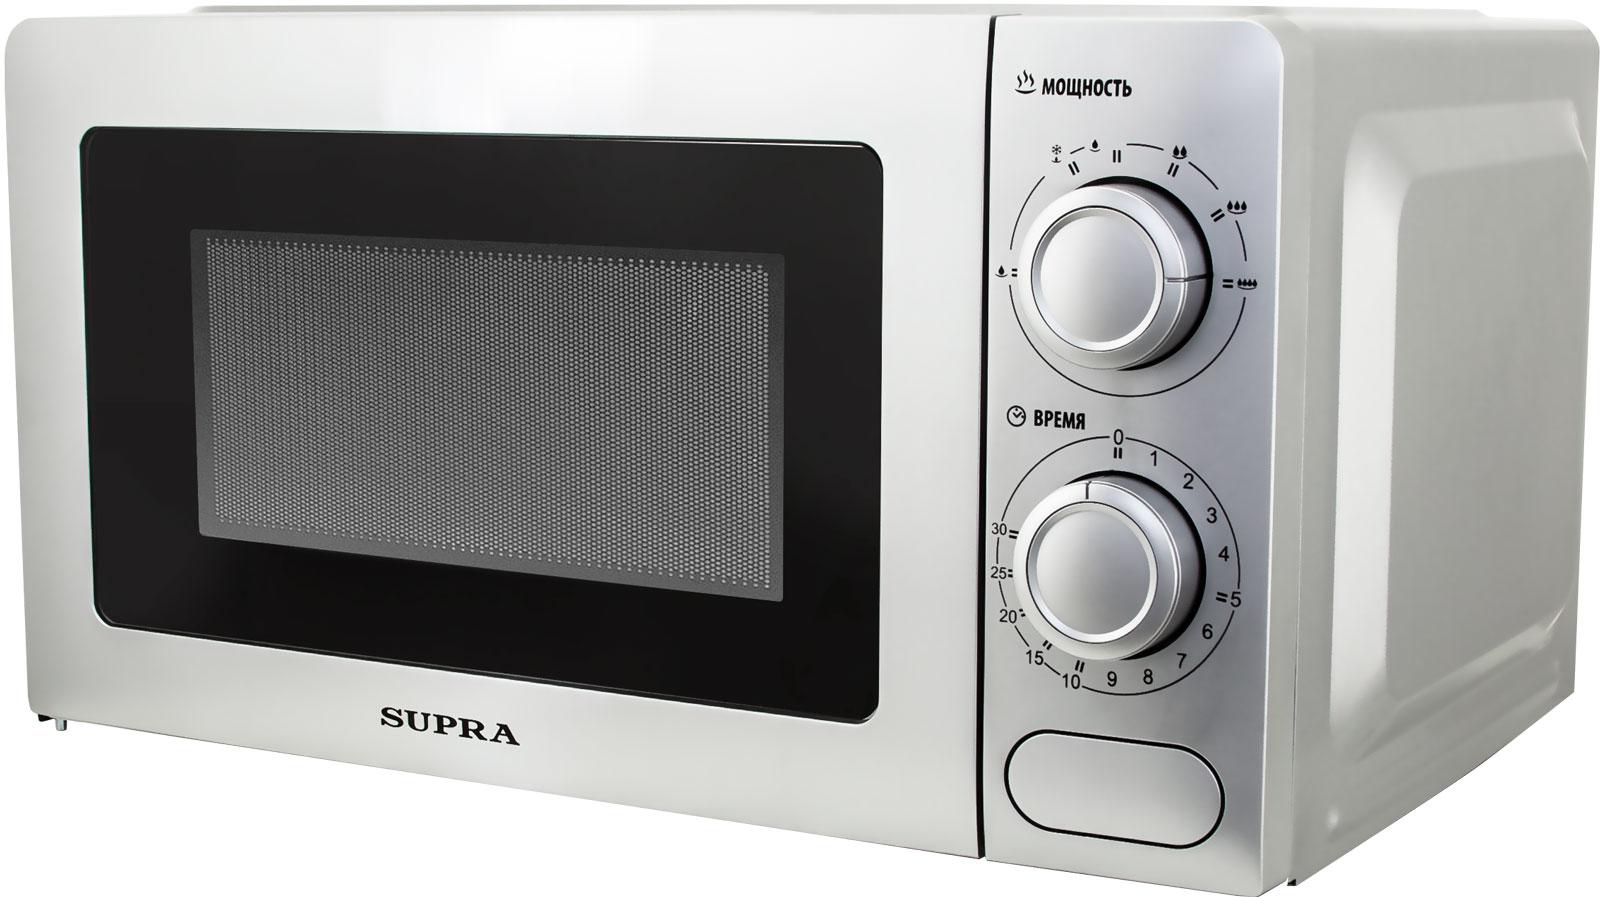 Микроволновая печь соло Supra 20MS20